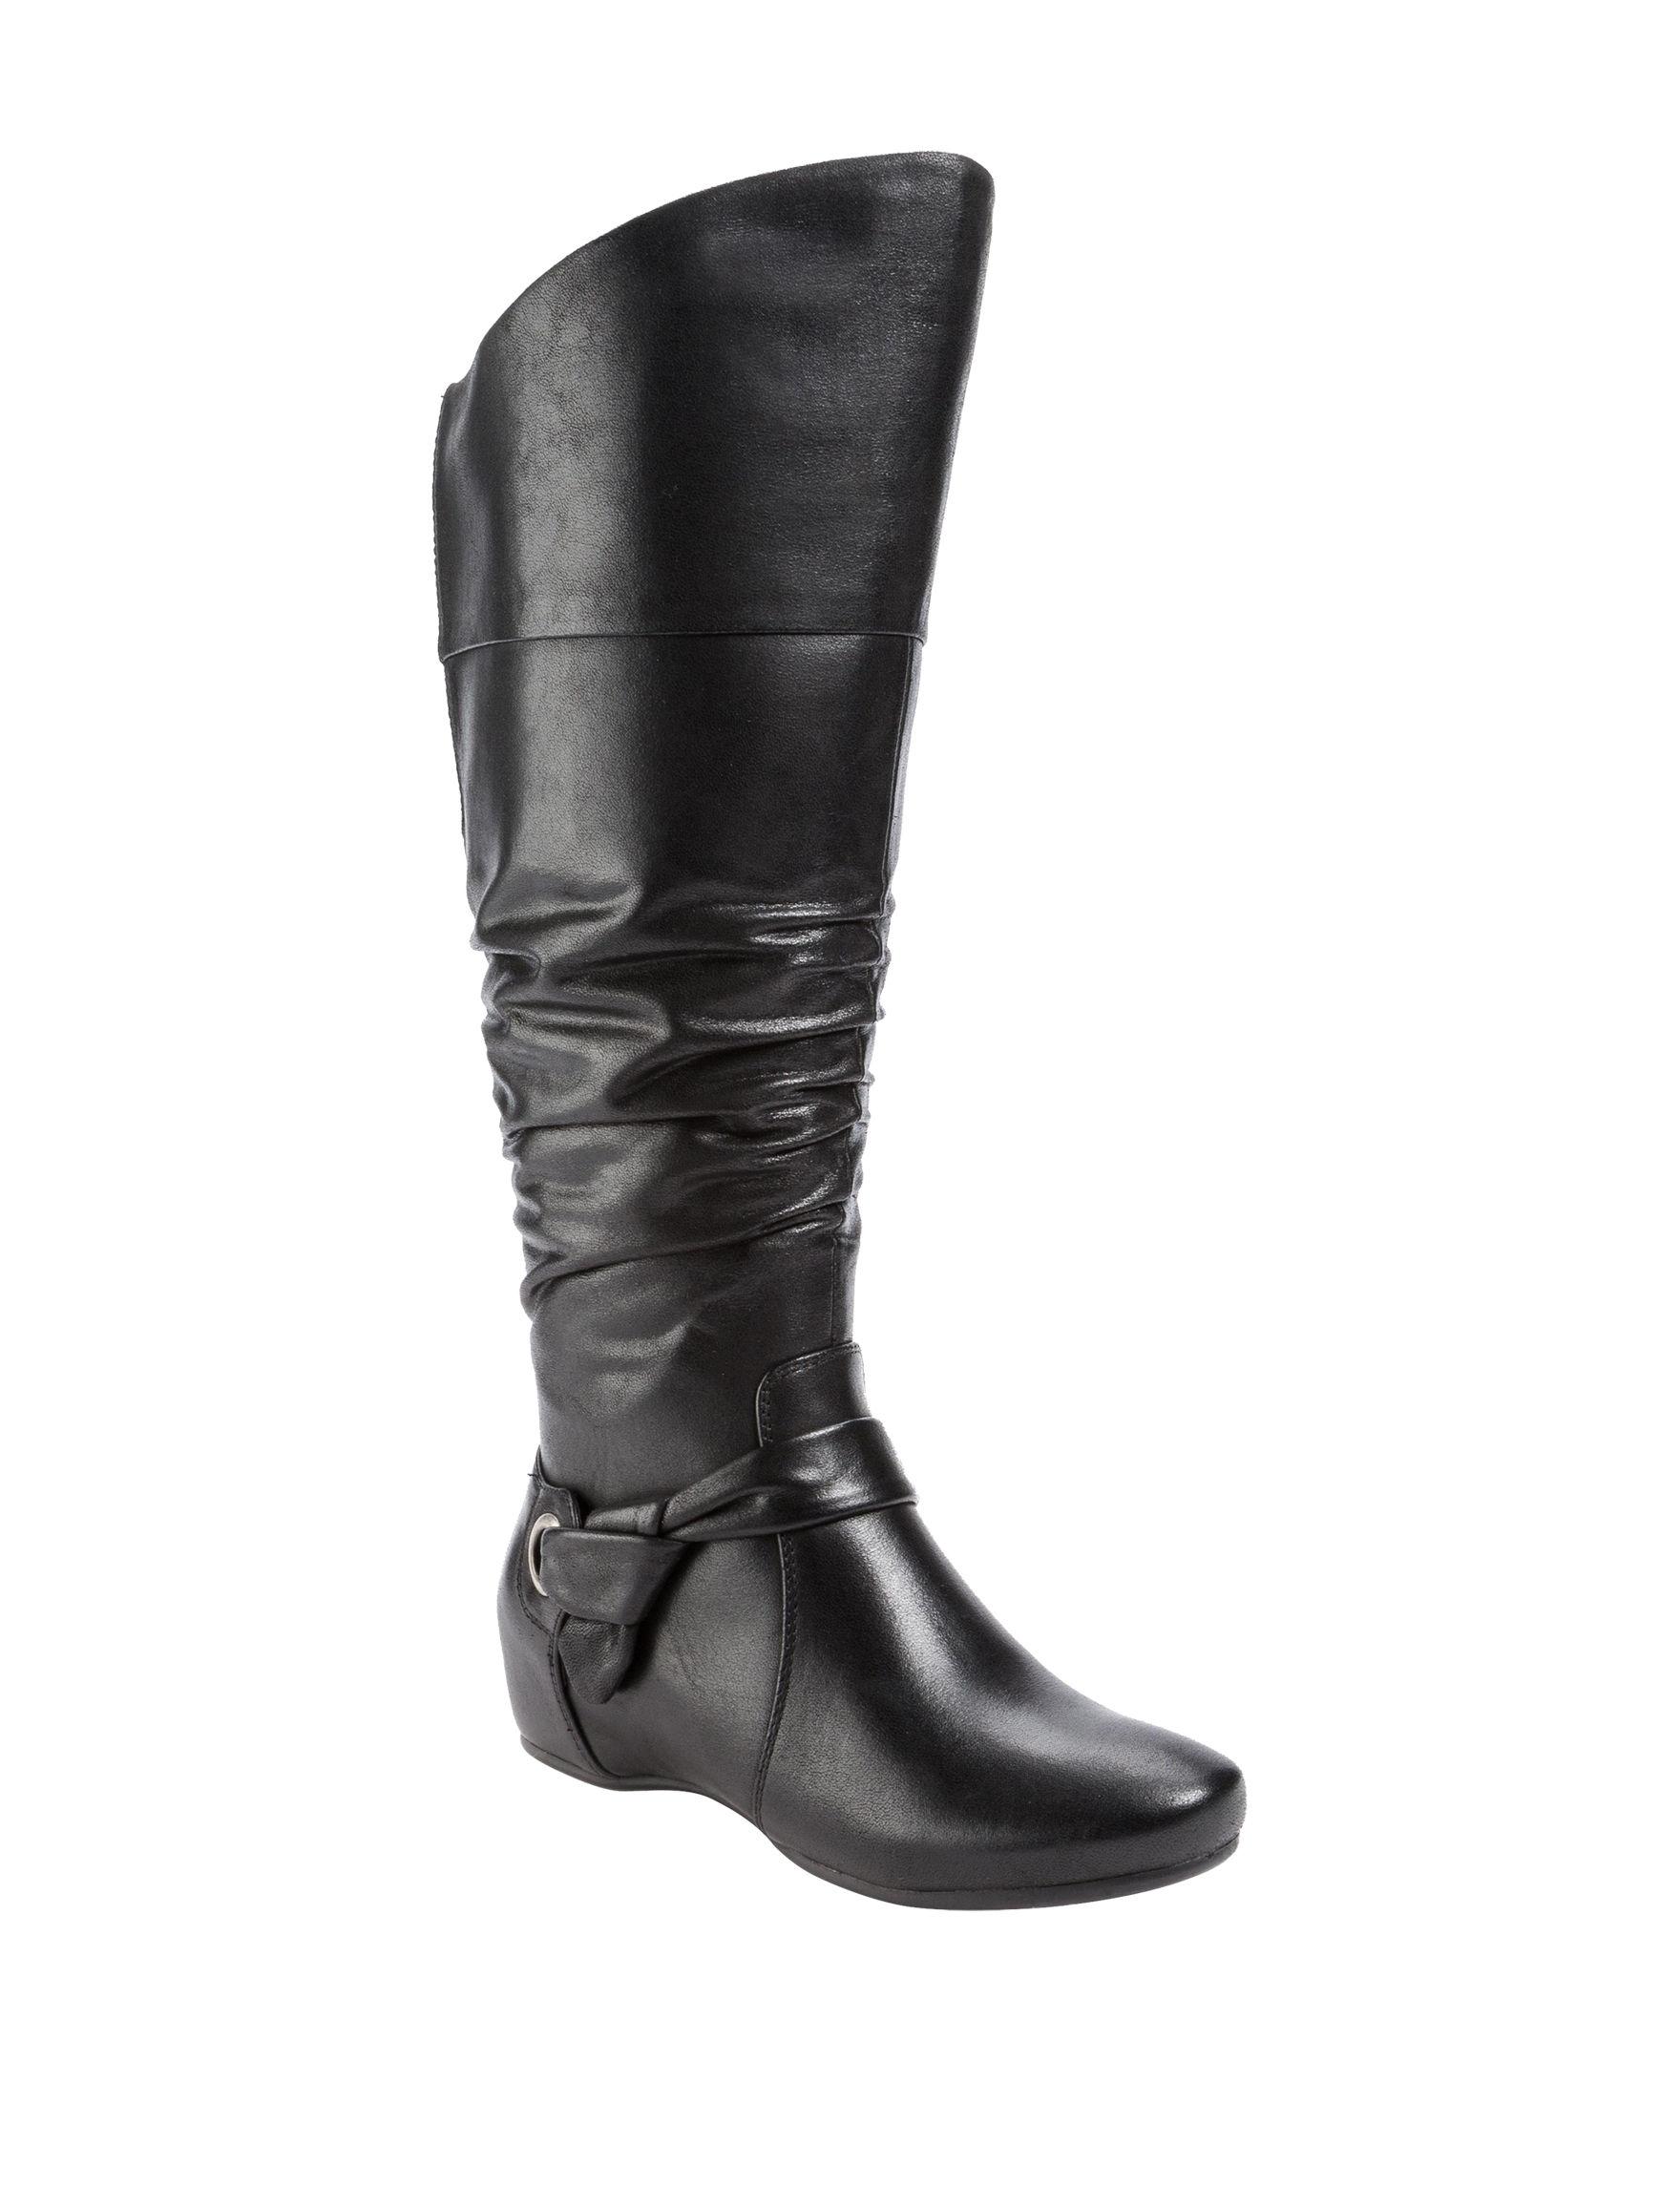 4d661614f679 Baretraps Sanova Wide Calf Boots